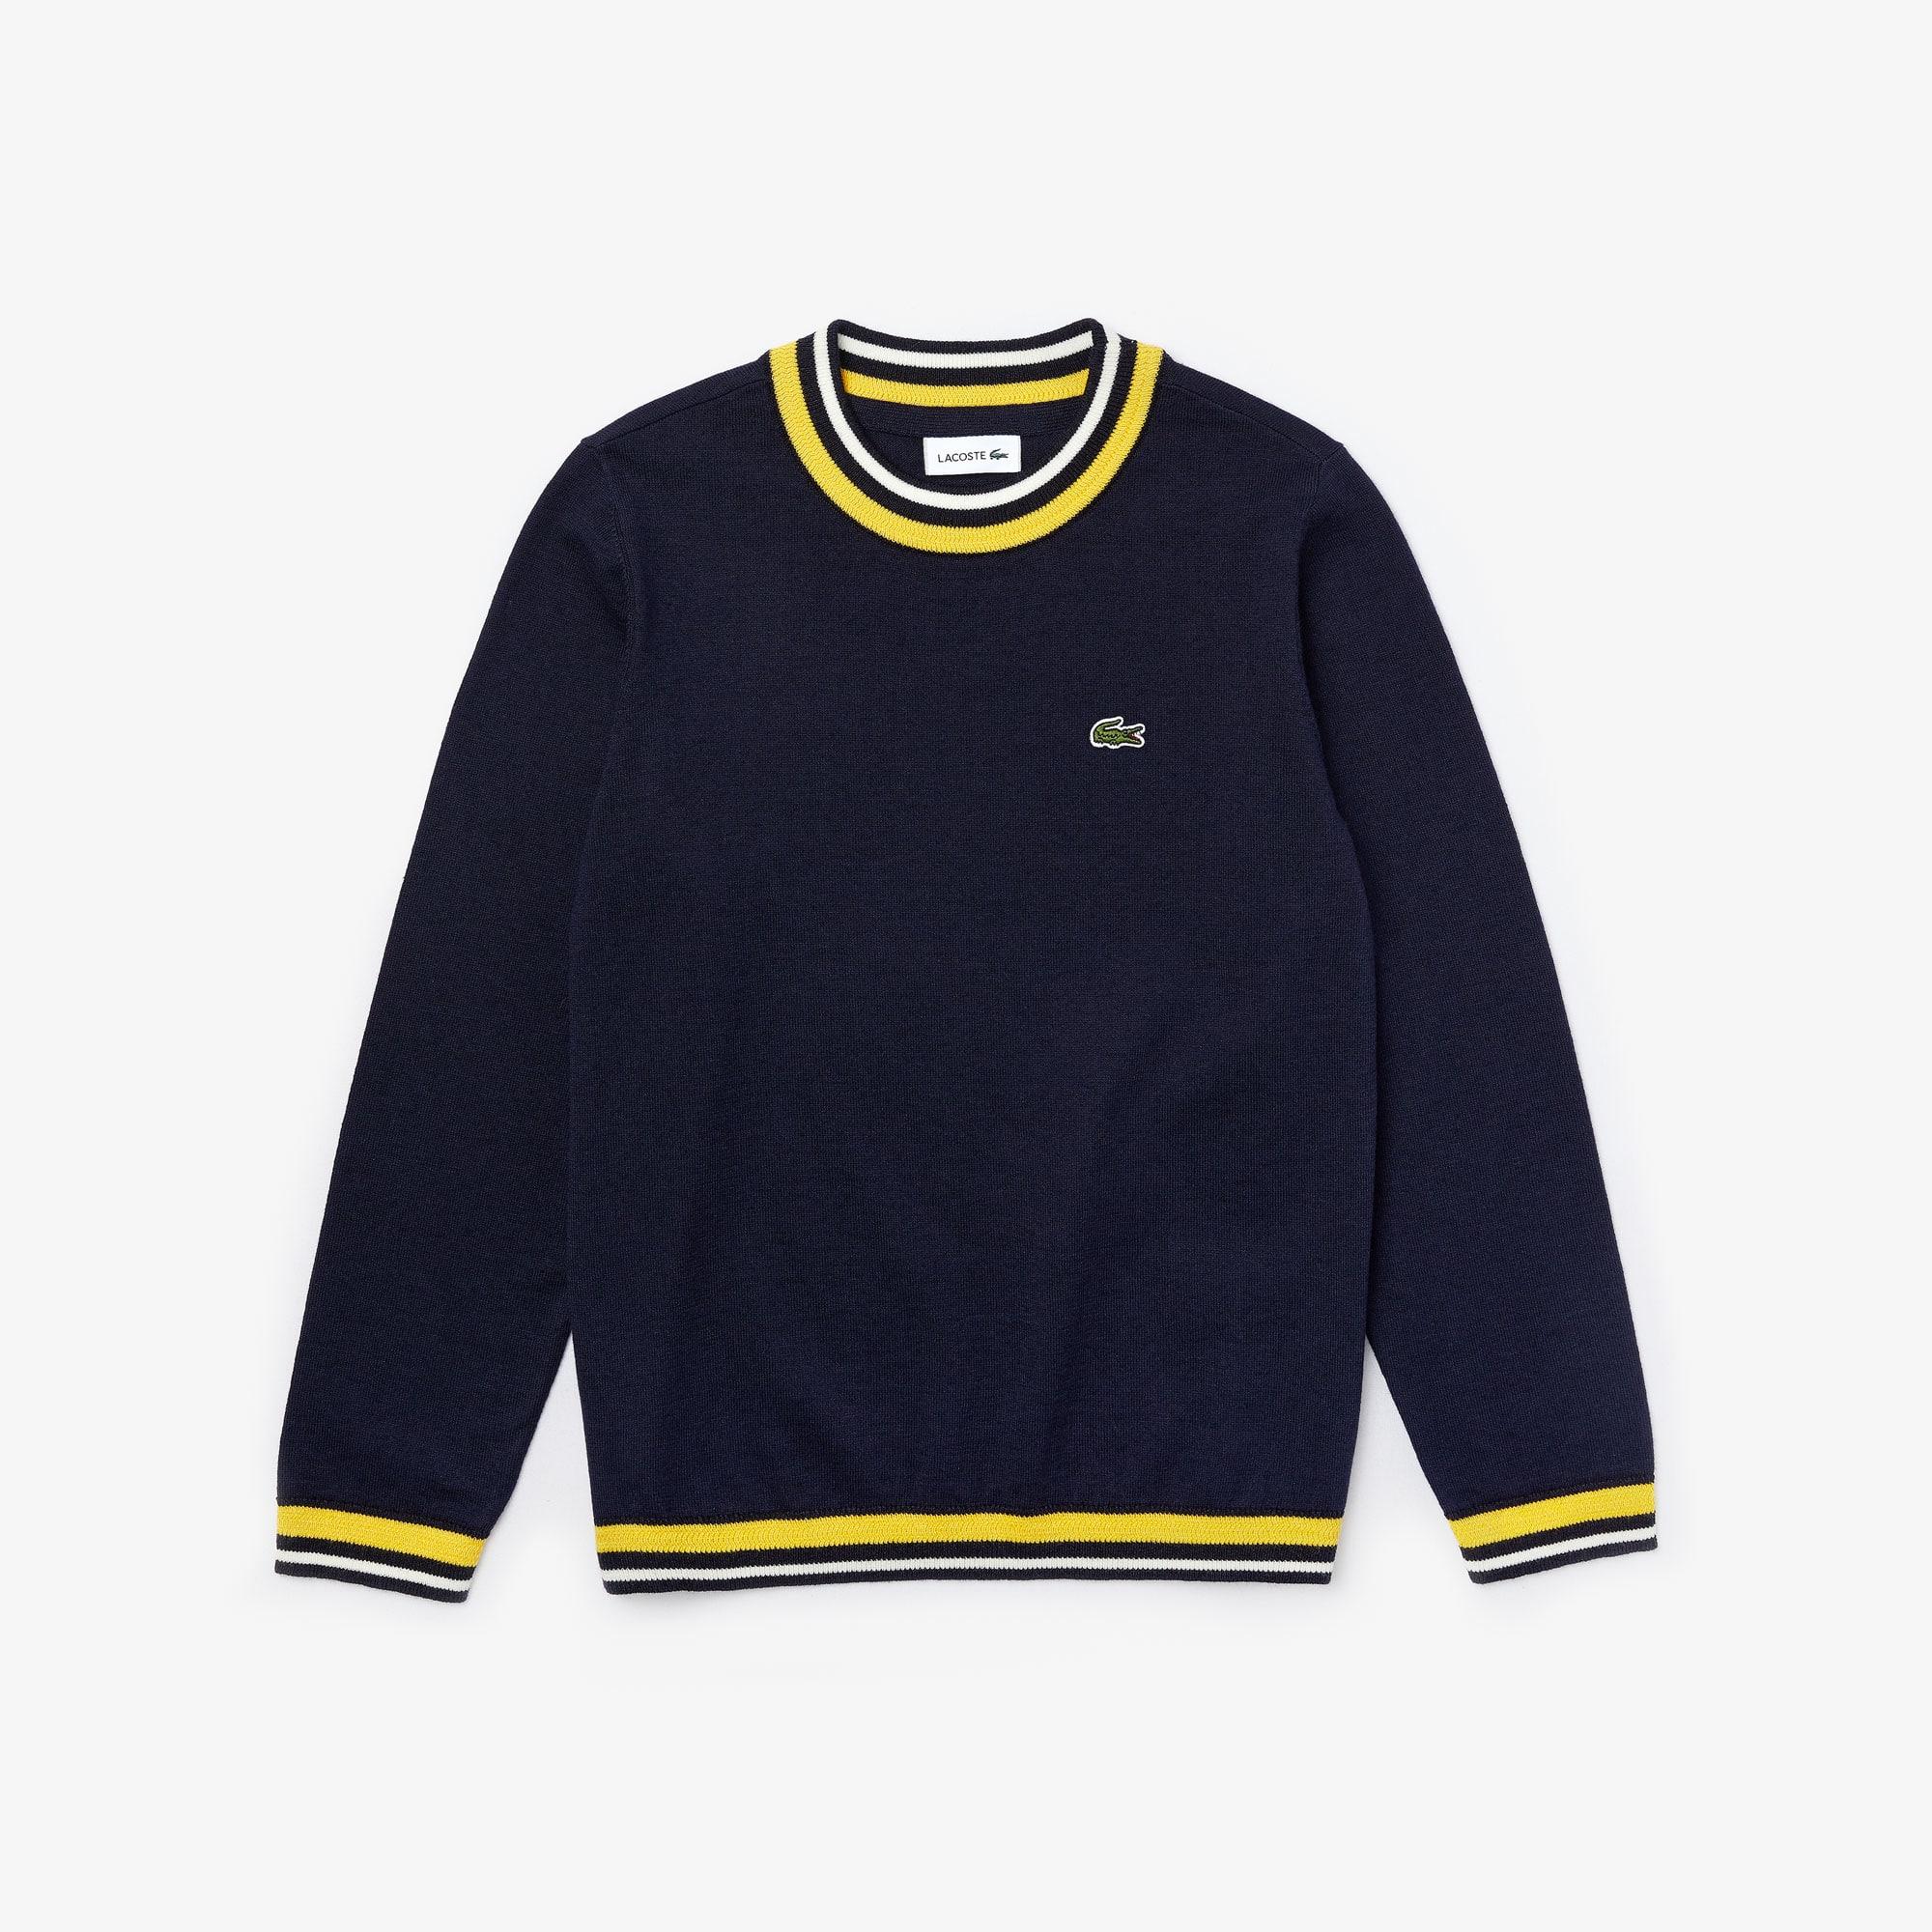 라코스테 Lacoste Boys Striped Details Wool And Cotton Sweater